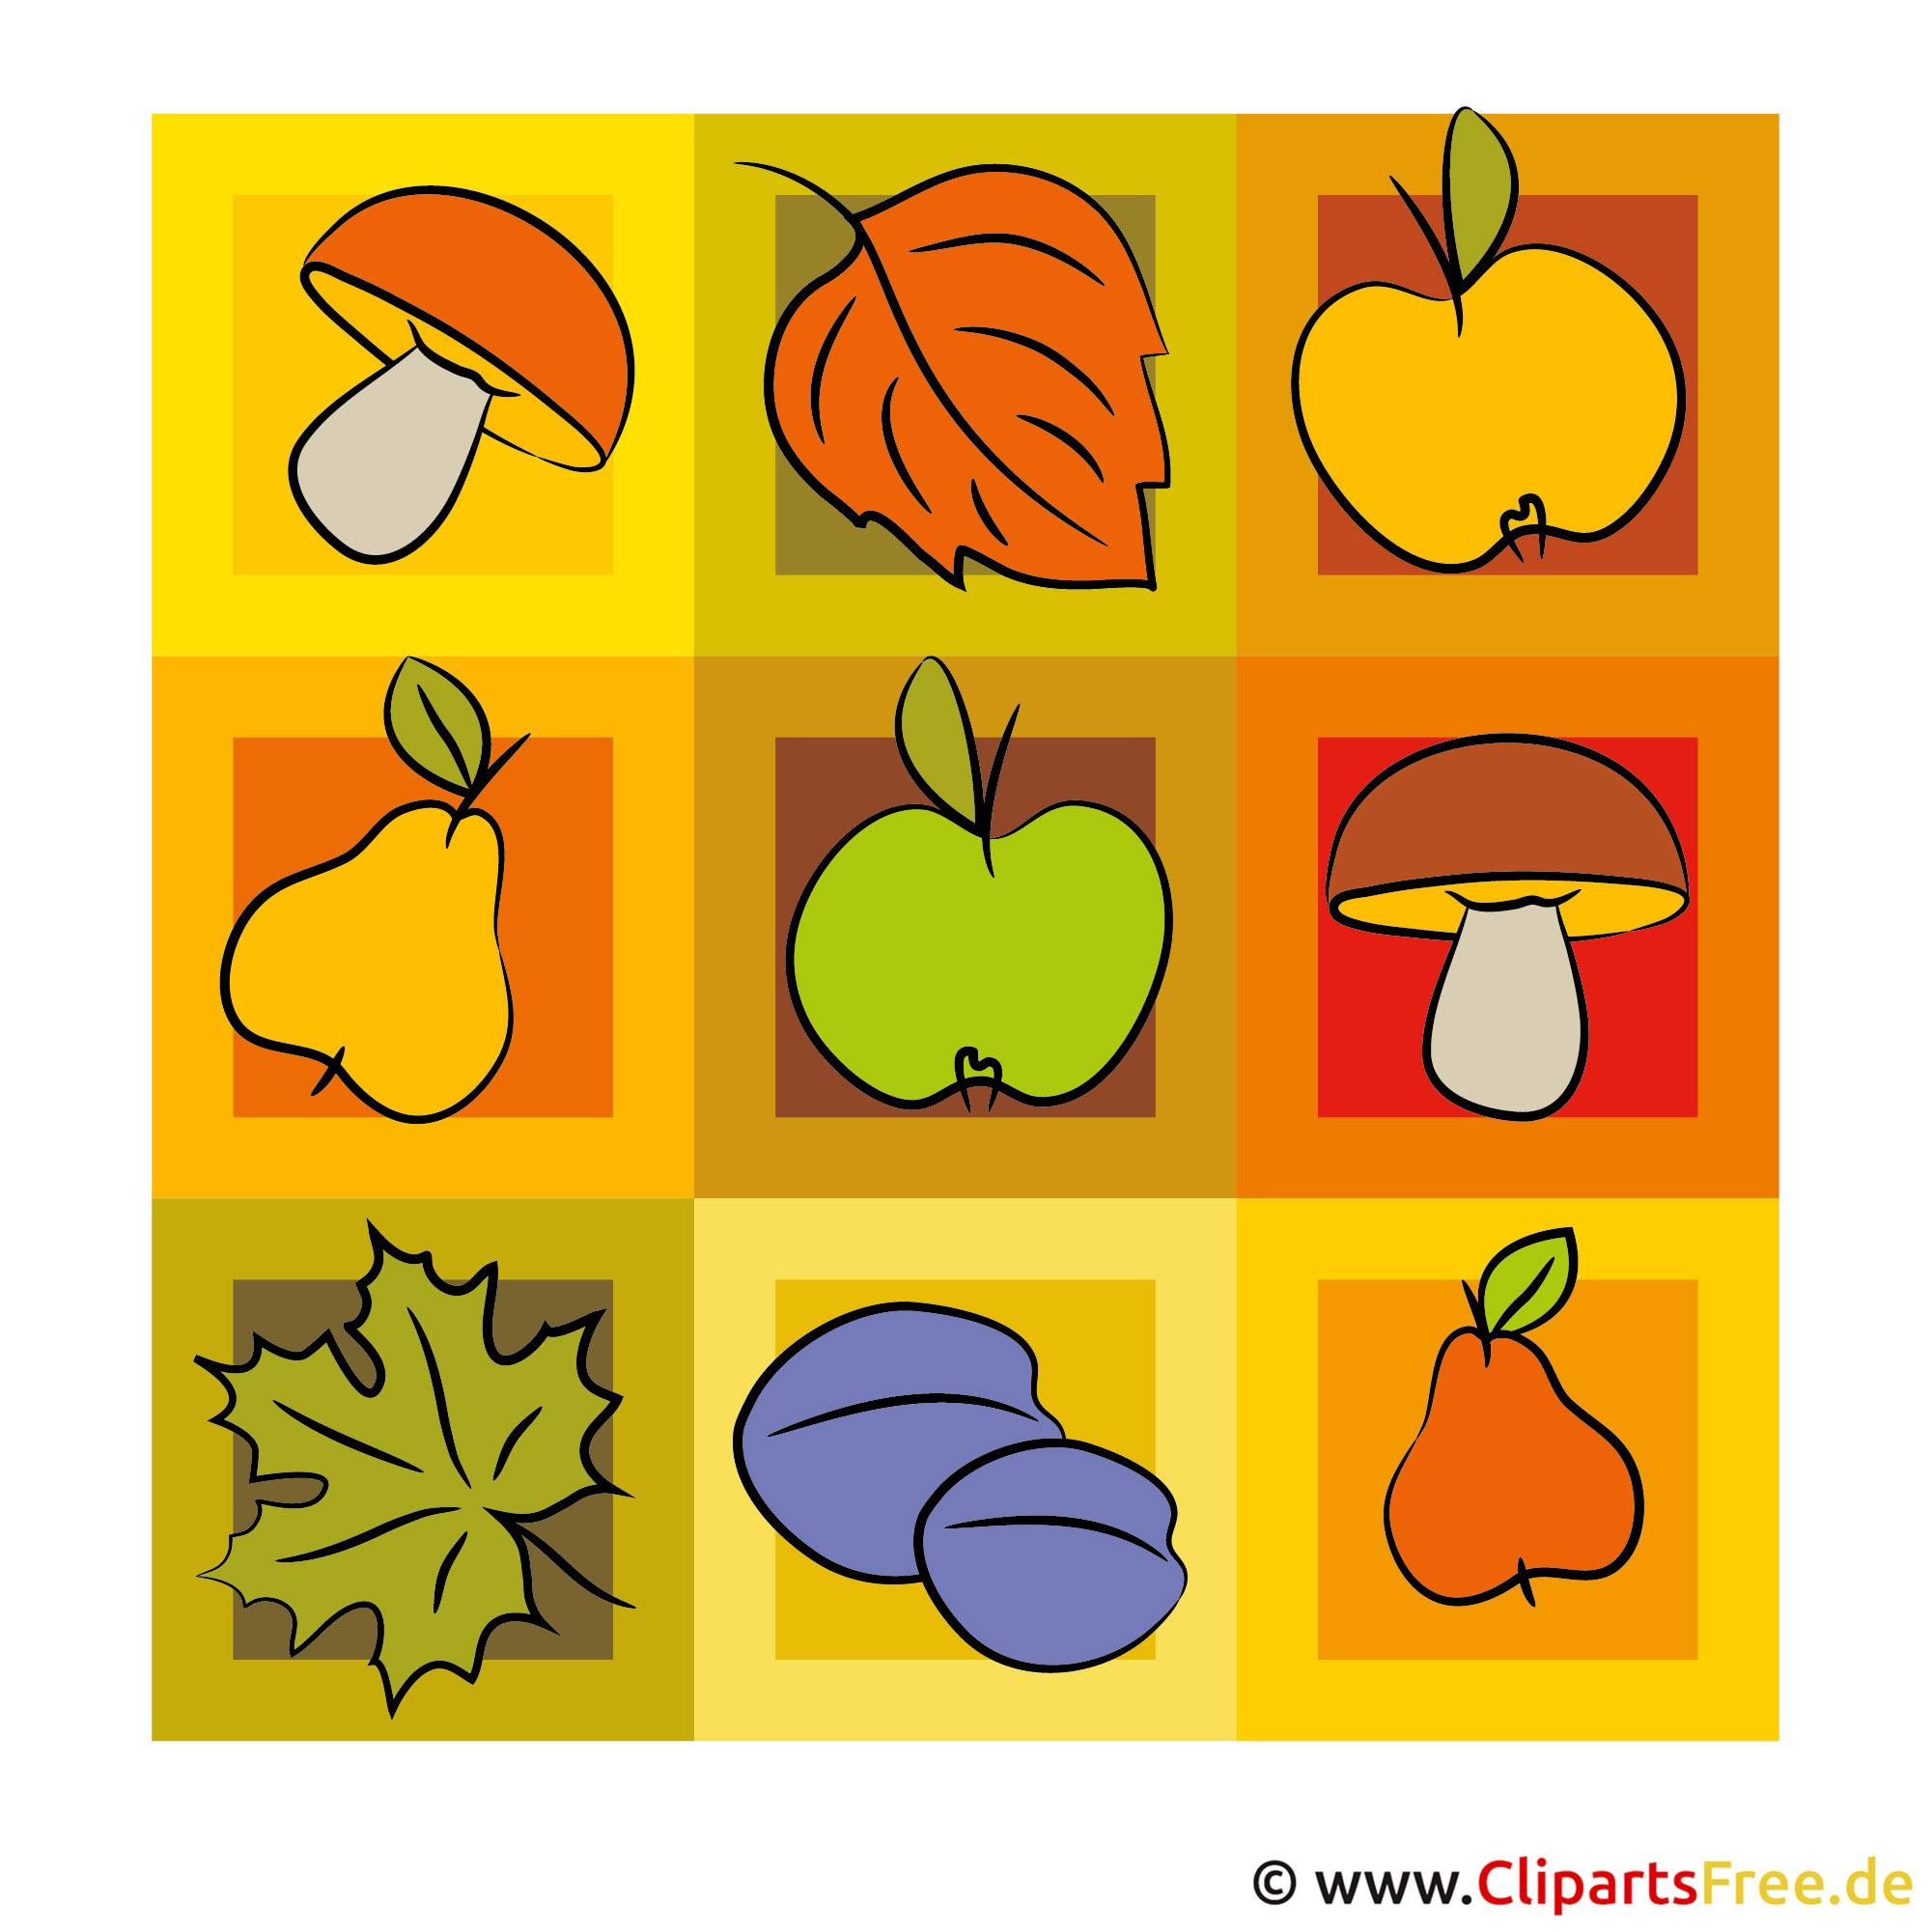 Pilze, Birnen, Äpfel Clip-Art - Herbst Bild gratis